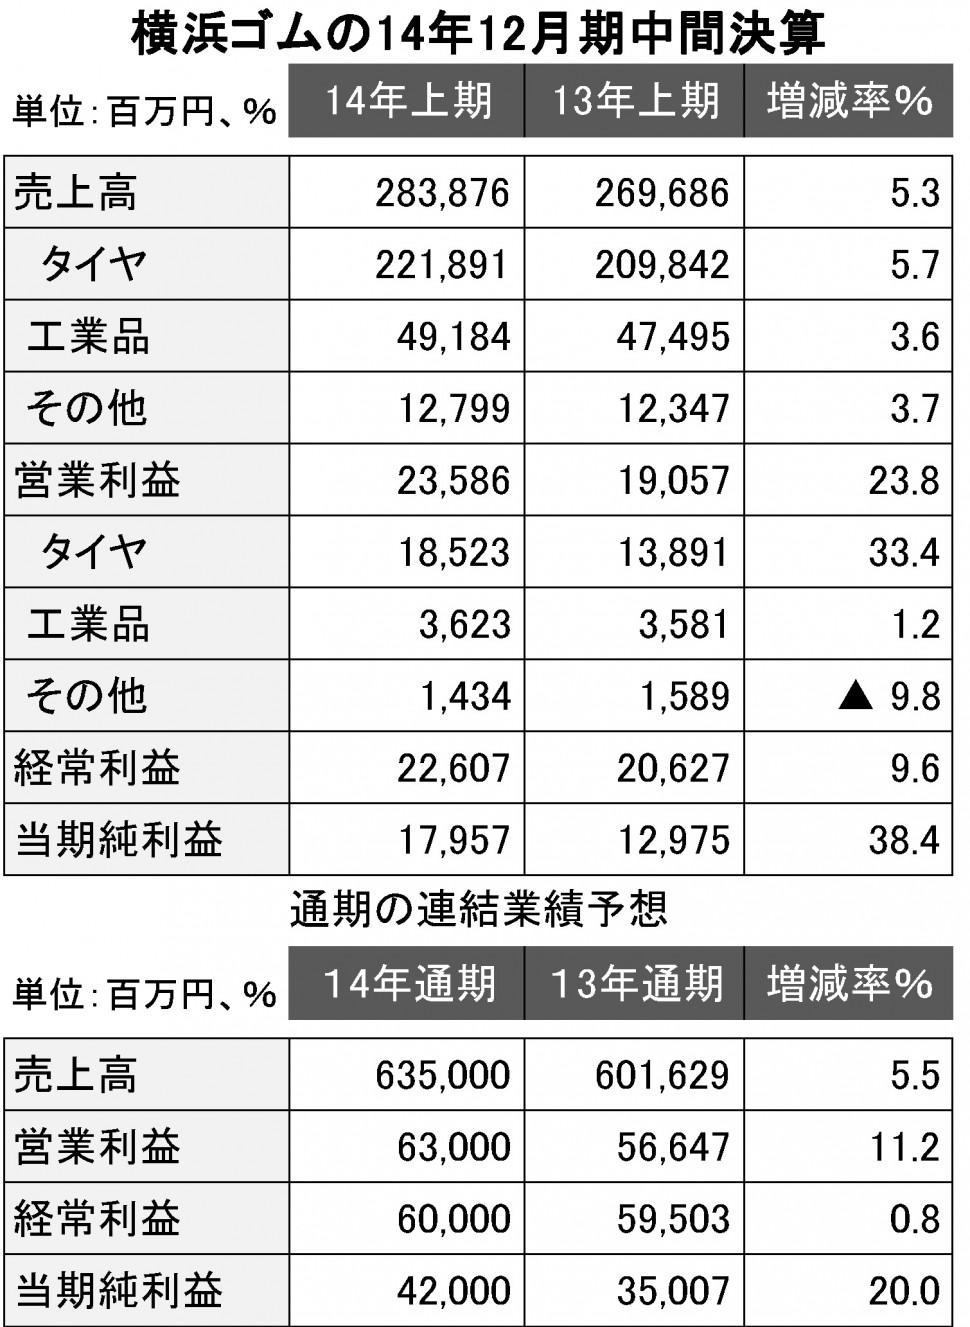 横浜ゴムの2014年12月期中間決算表